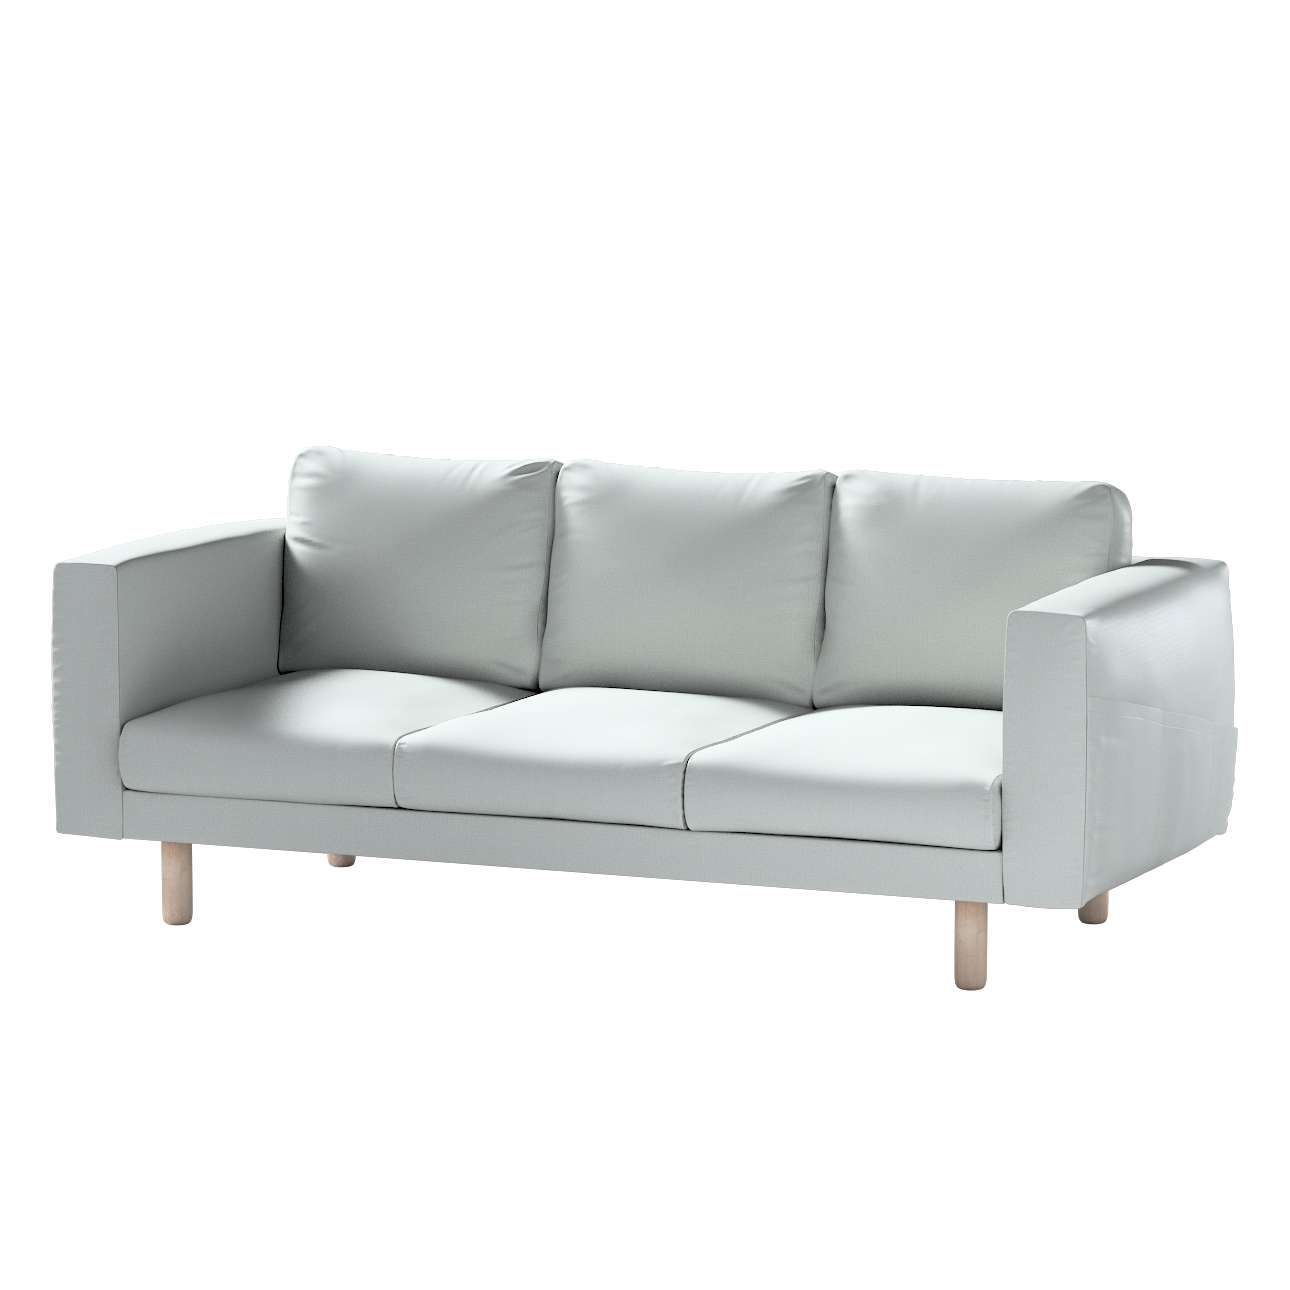 Pokrowiec na sofę Norsborg 3-osobową w kolekcji Bergen, tkanina: 161-72